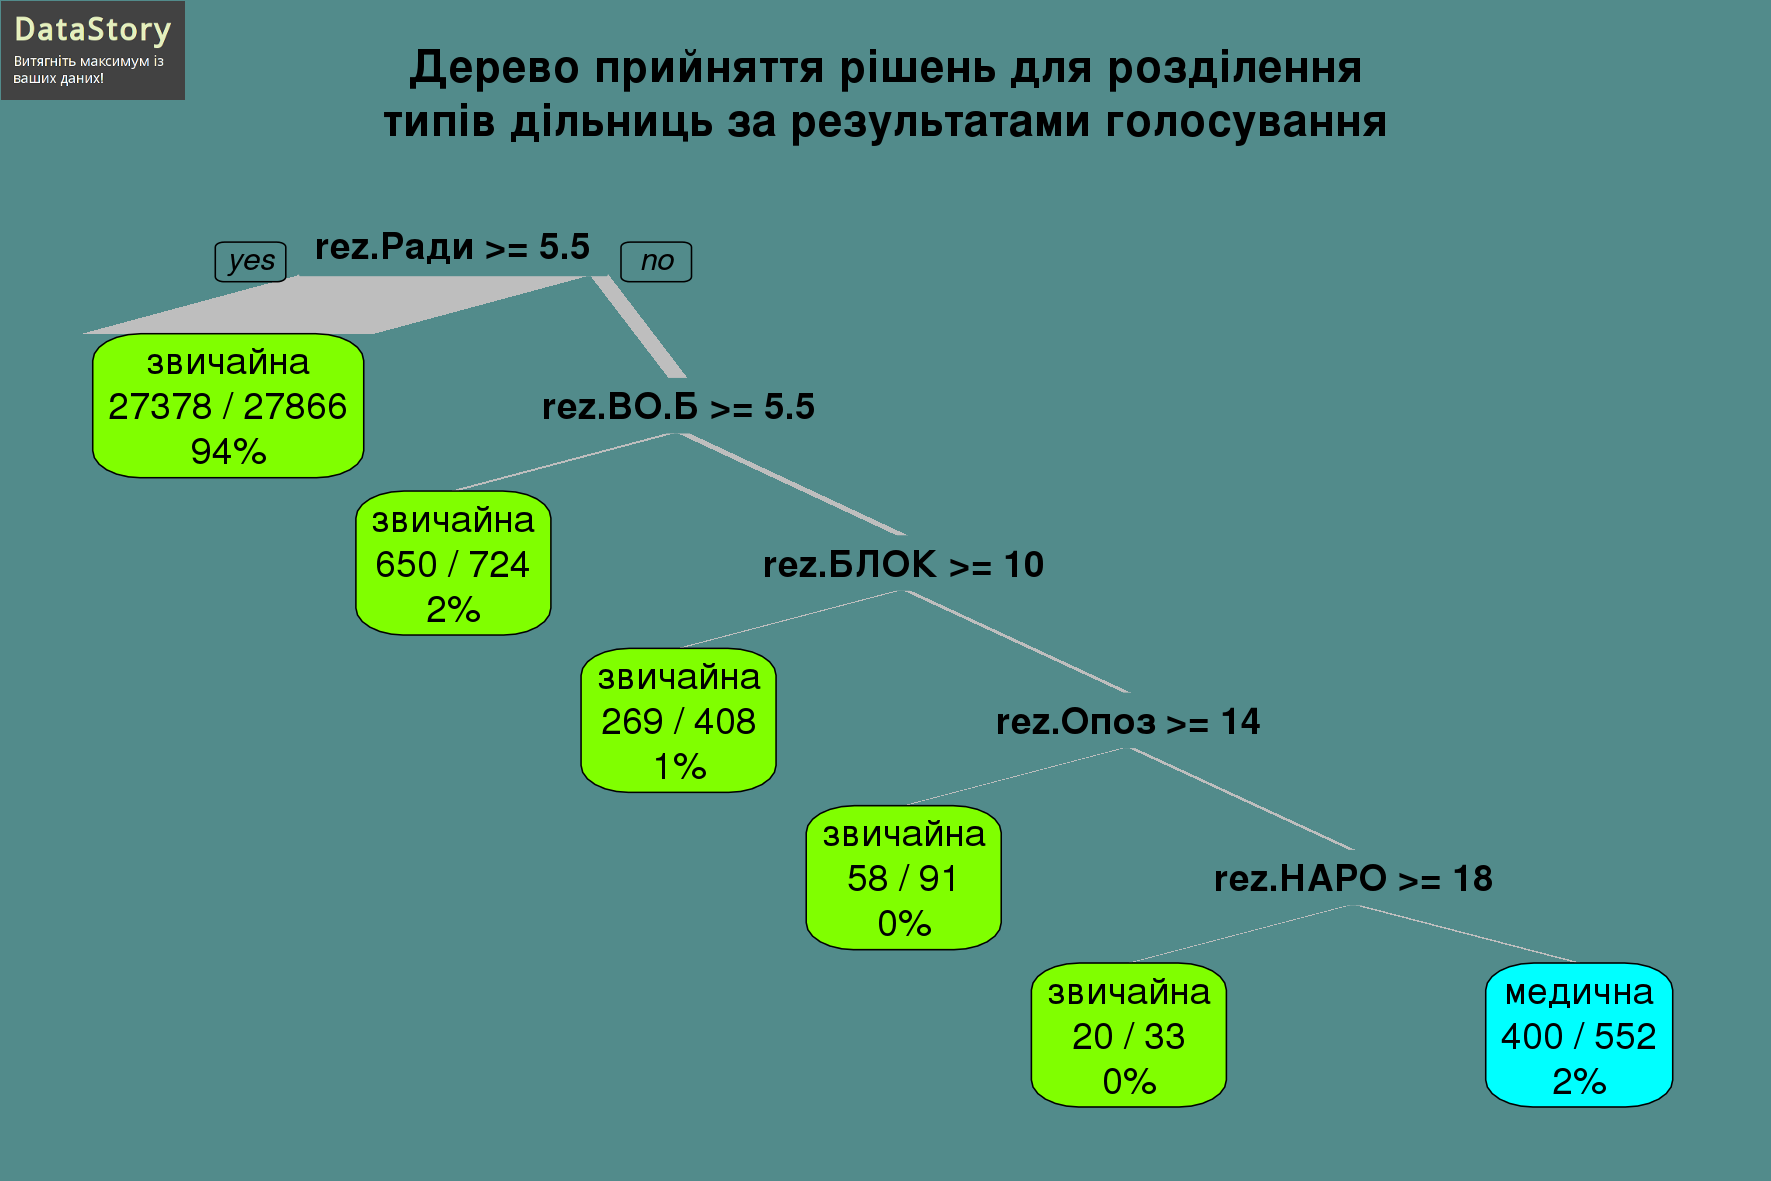 Дерево прийняття рішень для розділення типів дільниць за результатами голосування